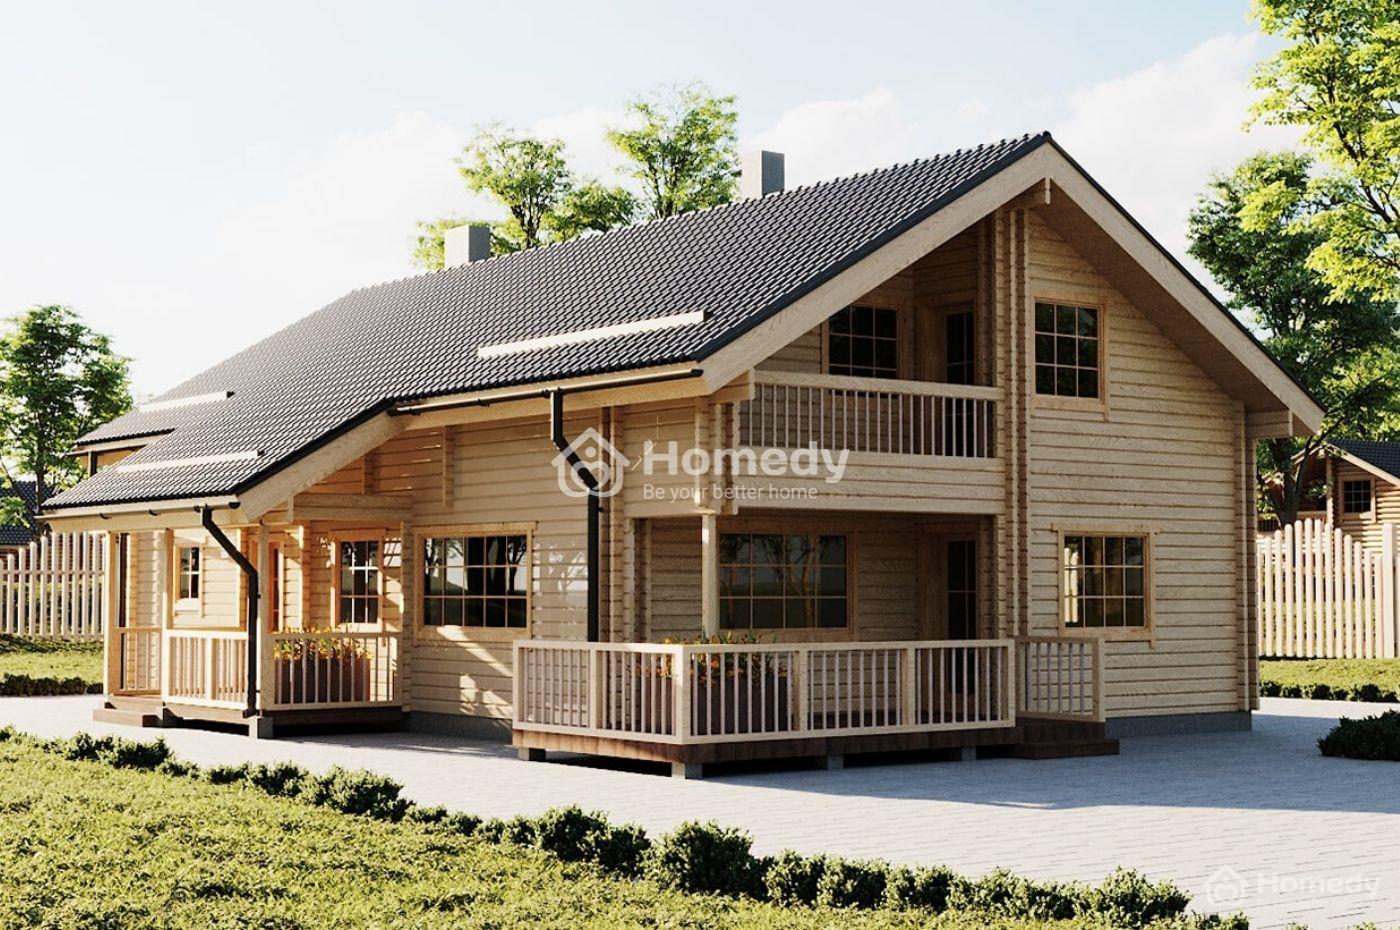 Nhà lắp ghép 2 tầng bằng gỗ